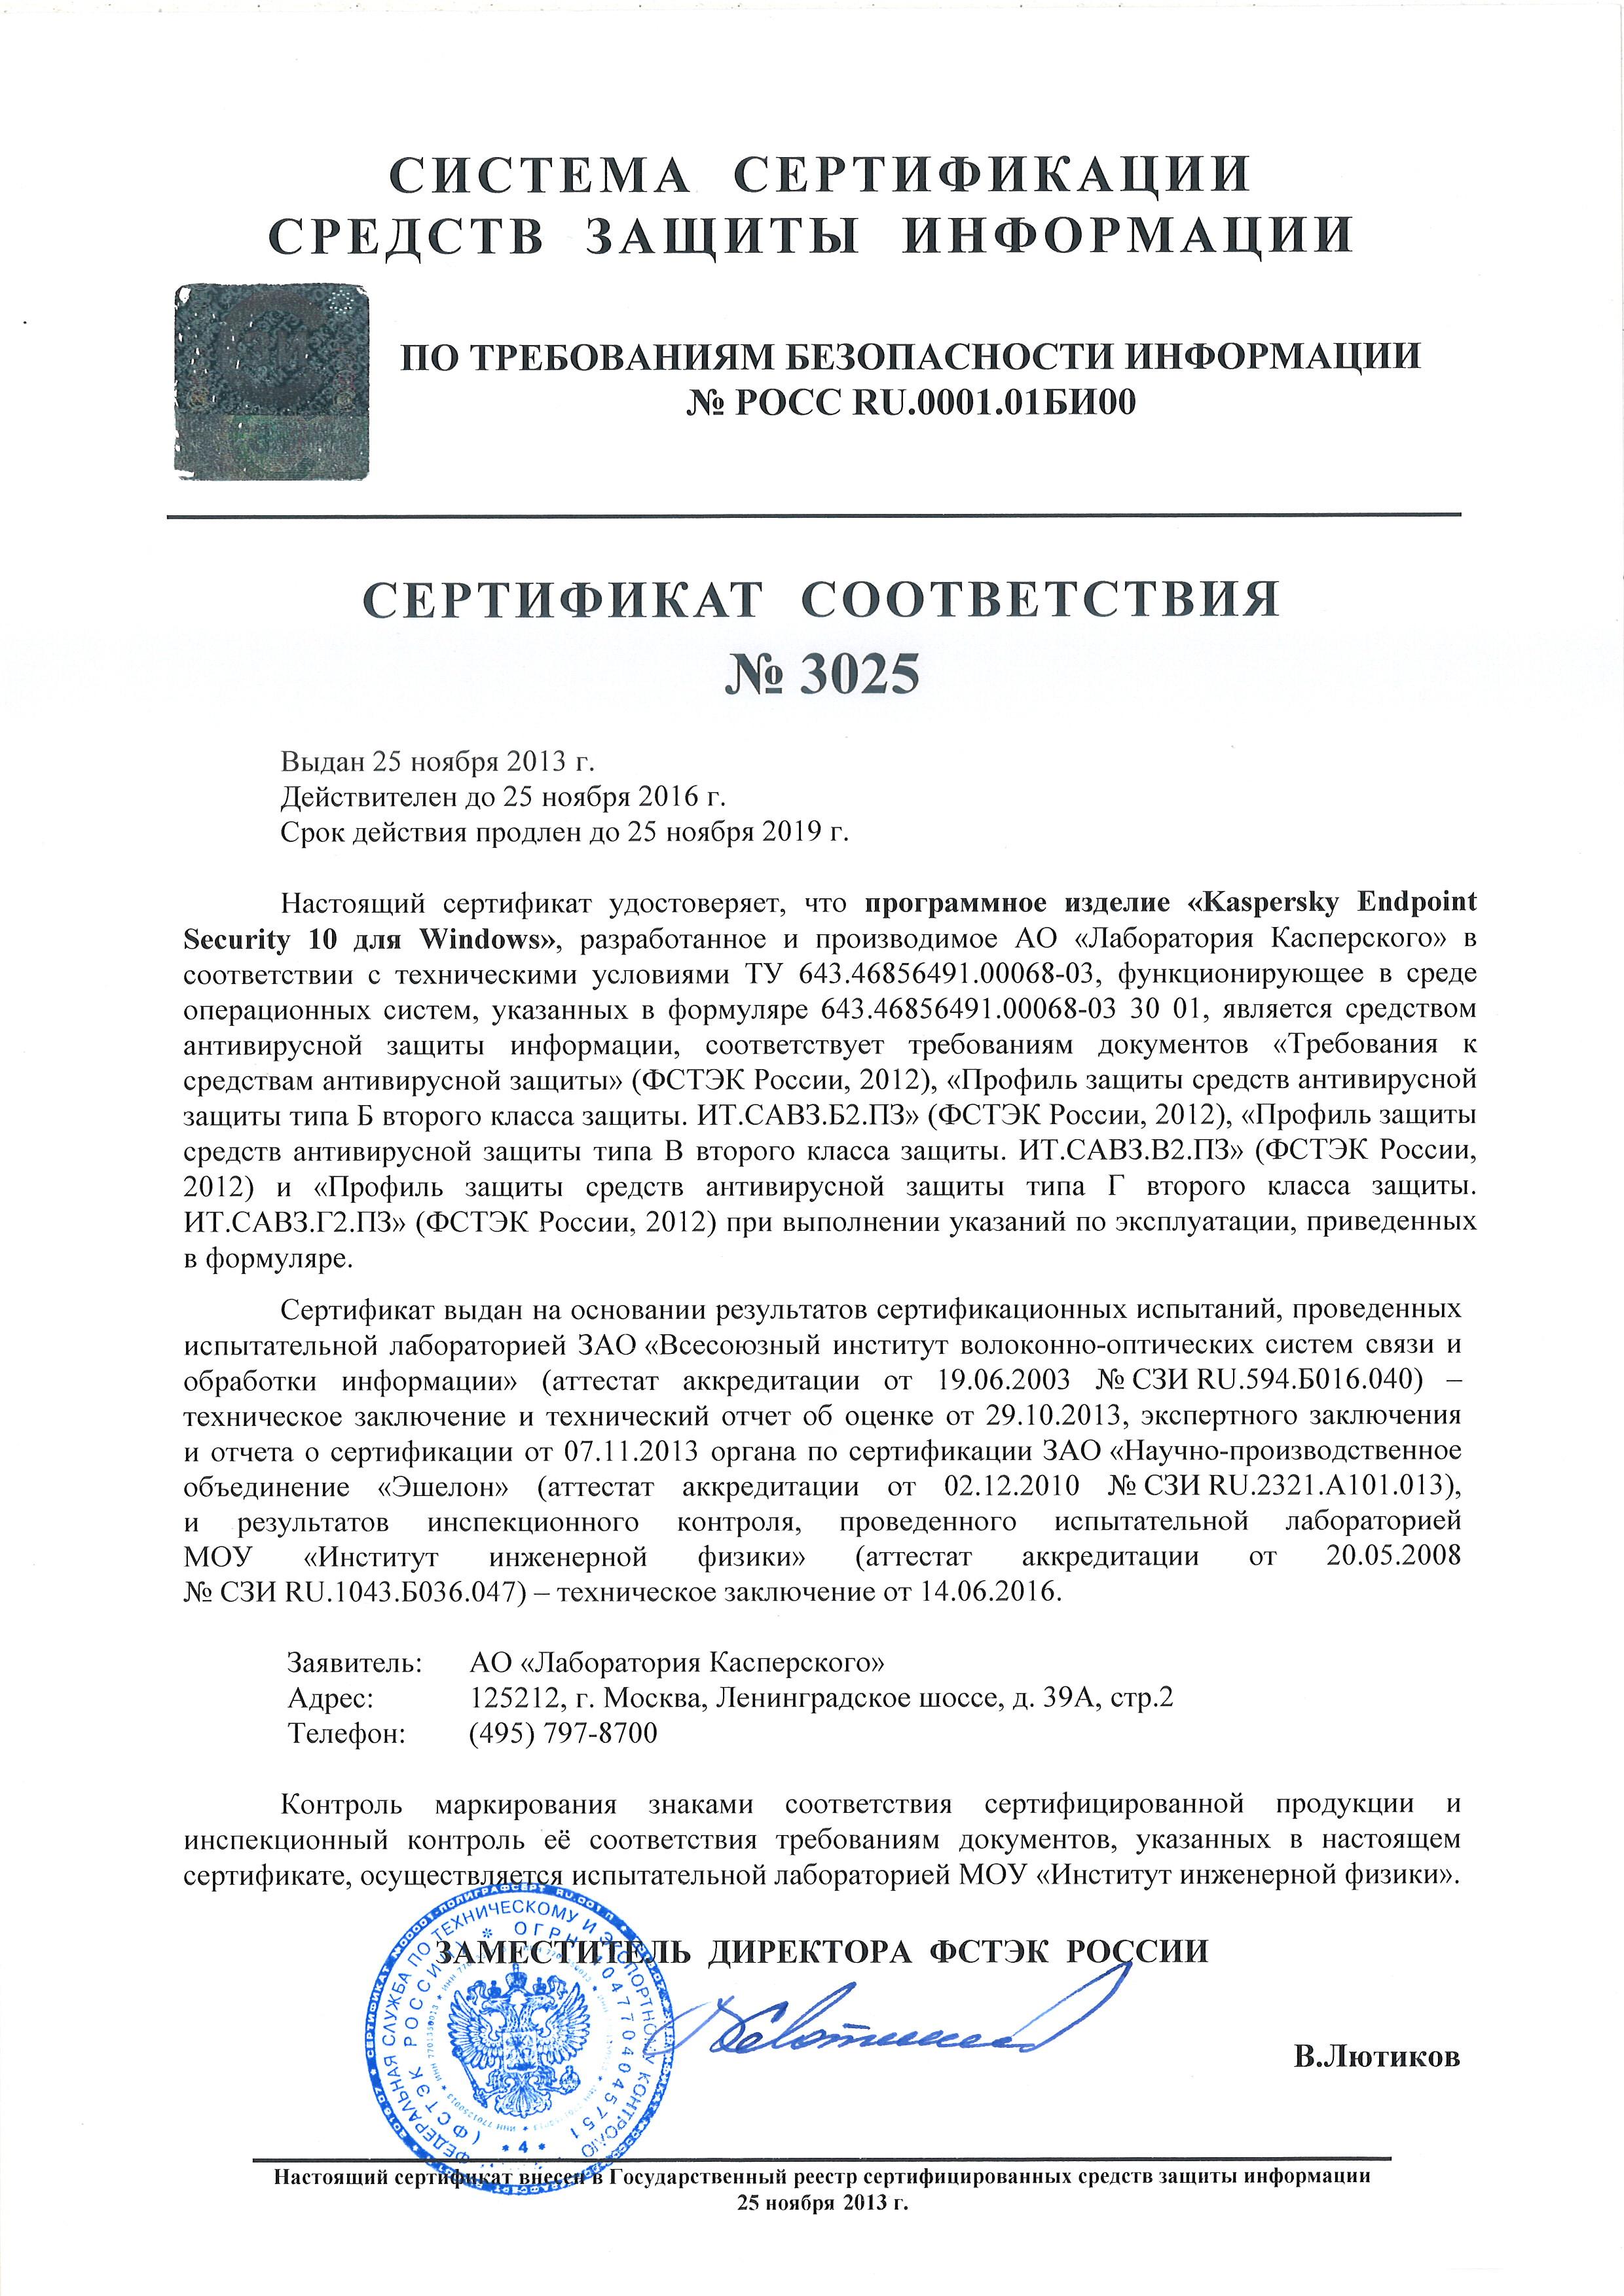 Эшелон москва сертификация название 7 раздела исо 9001-2001